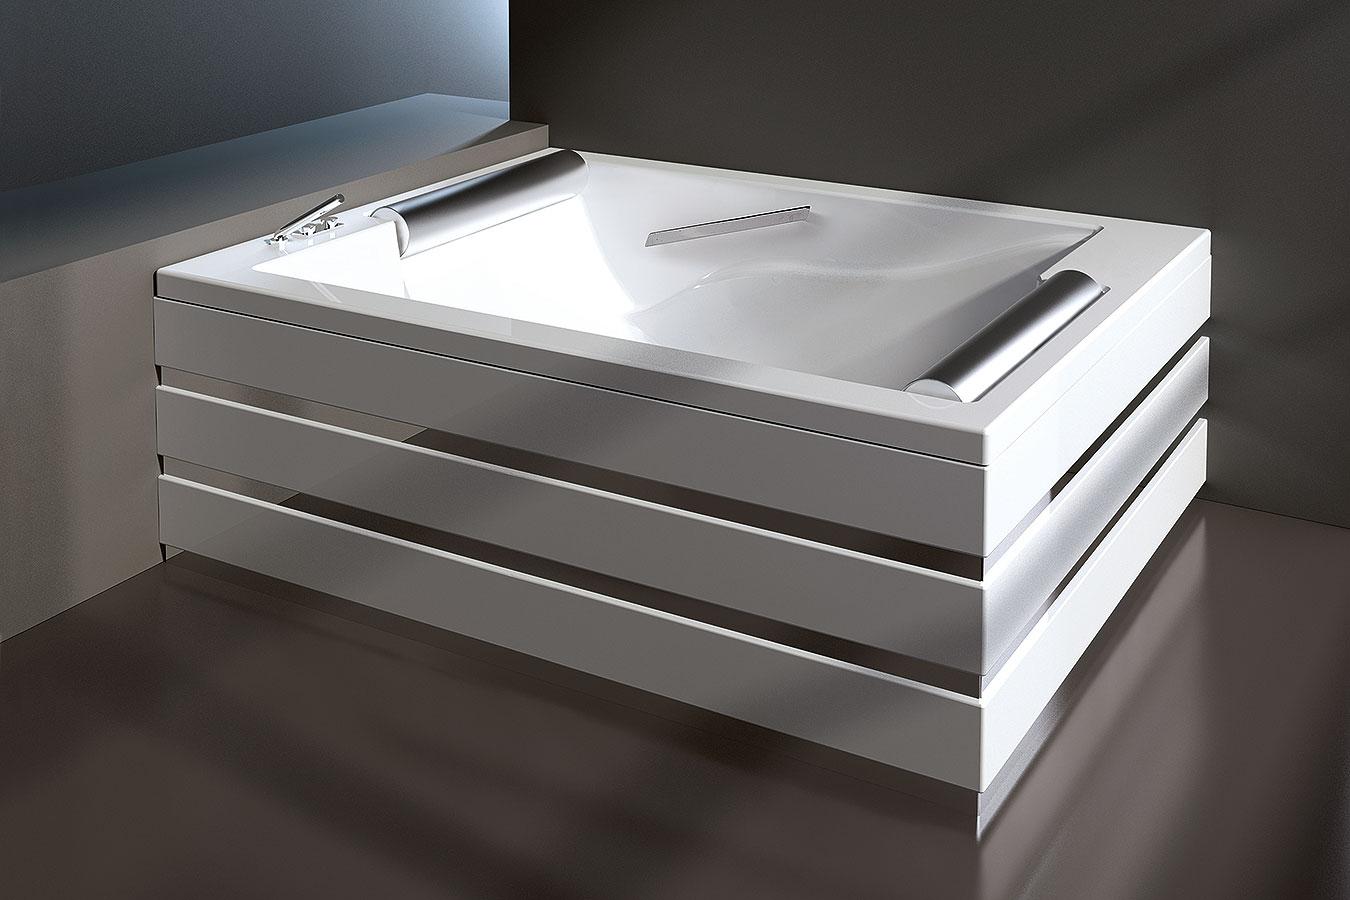 Vasche Da Bagno Treesse Listino Prezzi : Treesse sogno di relax in sala da bagno